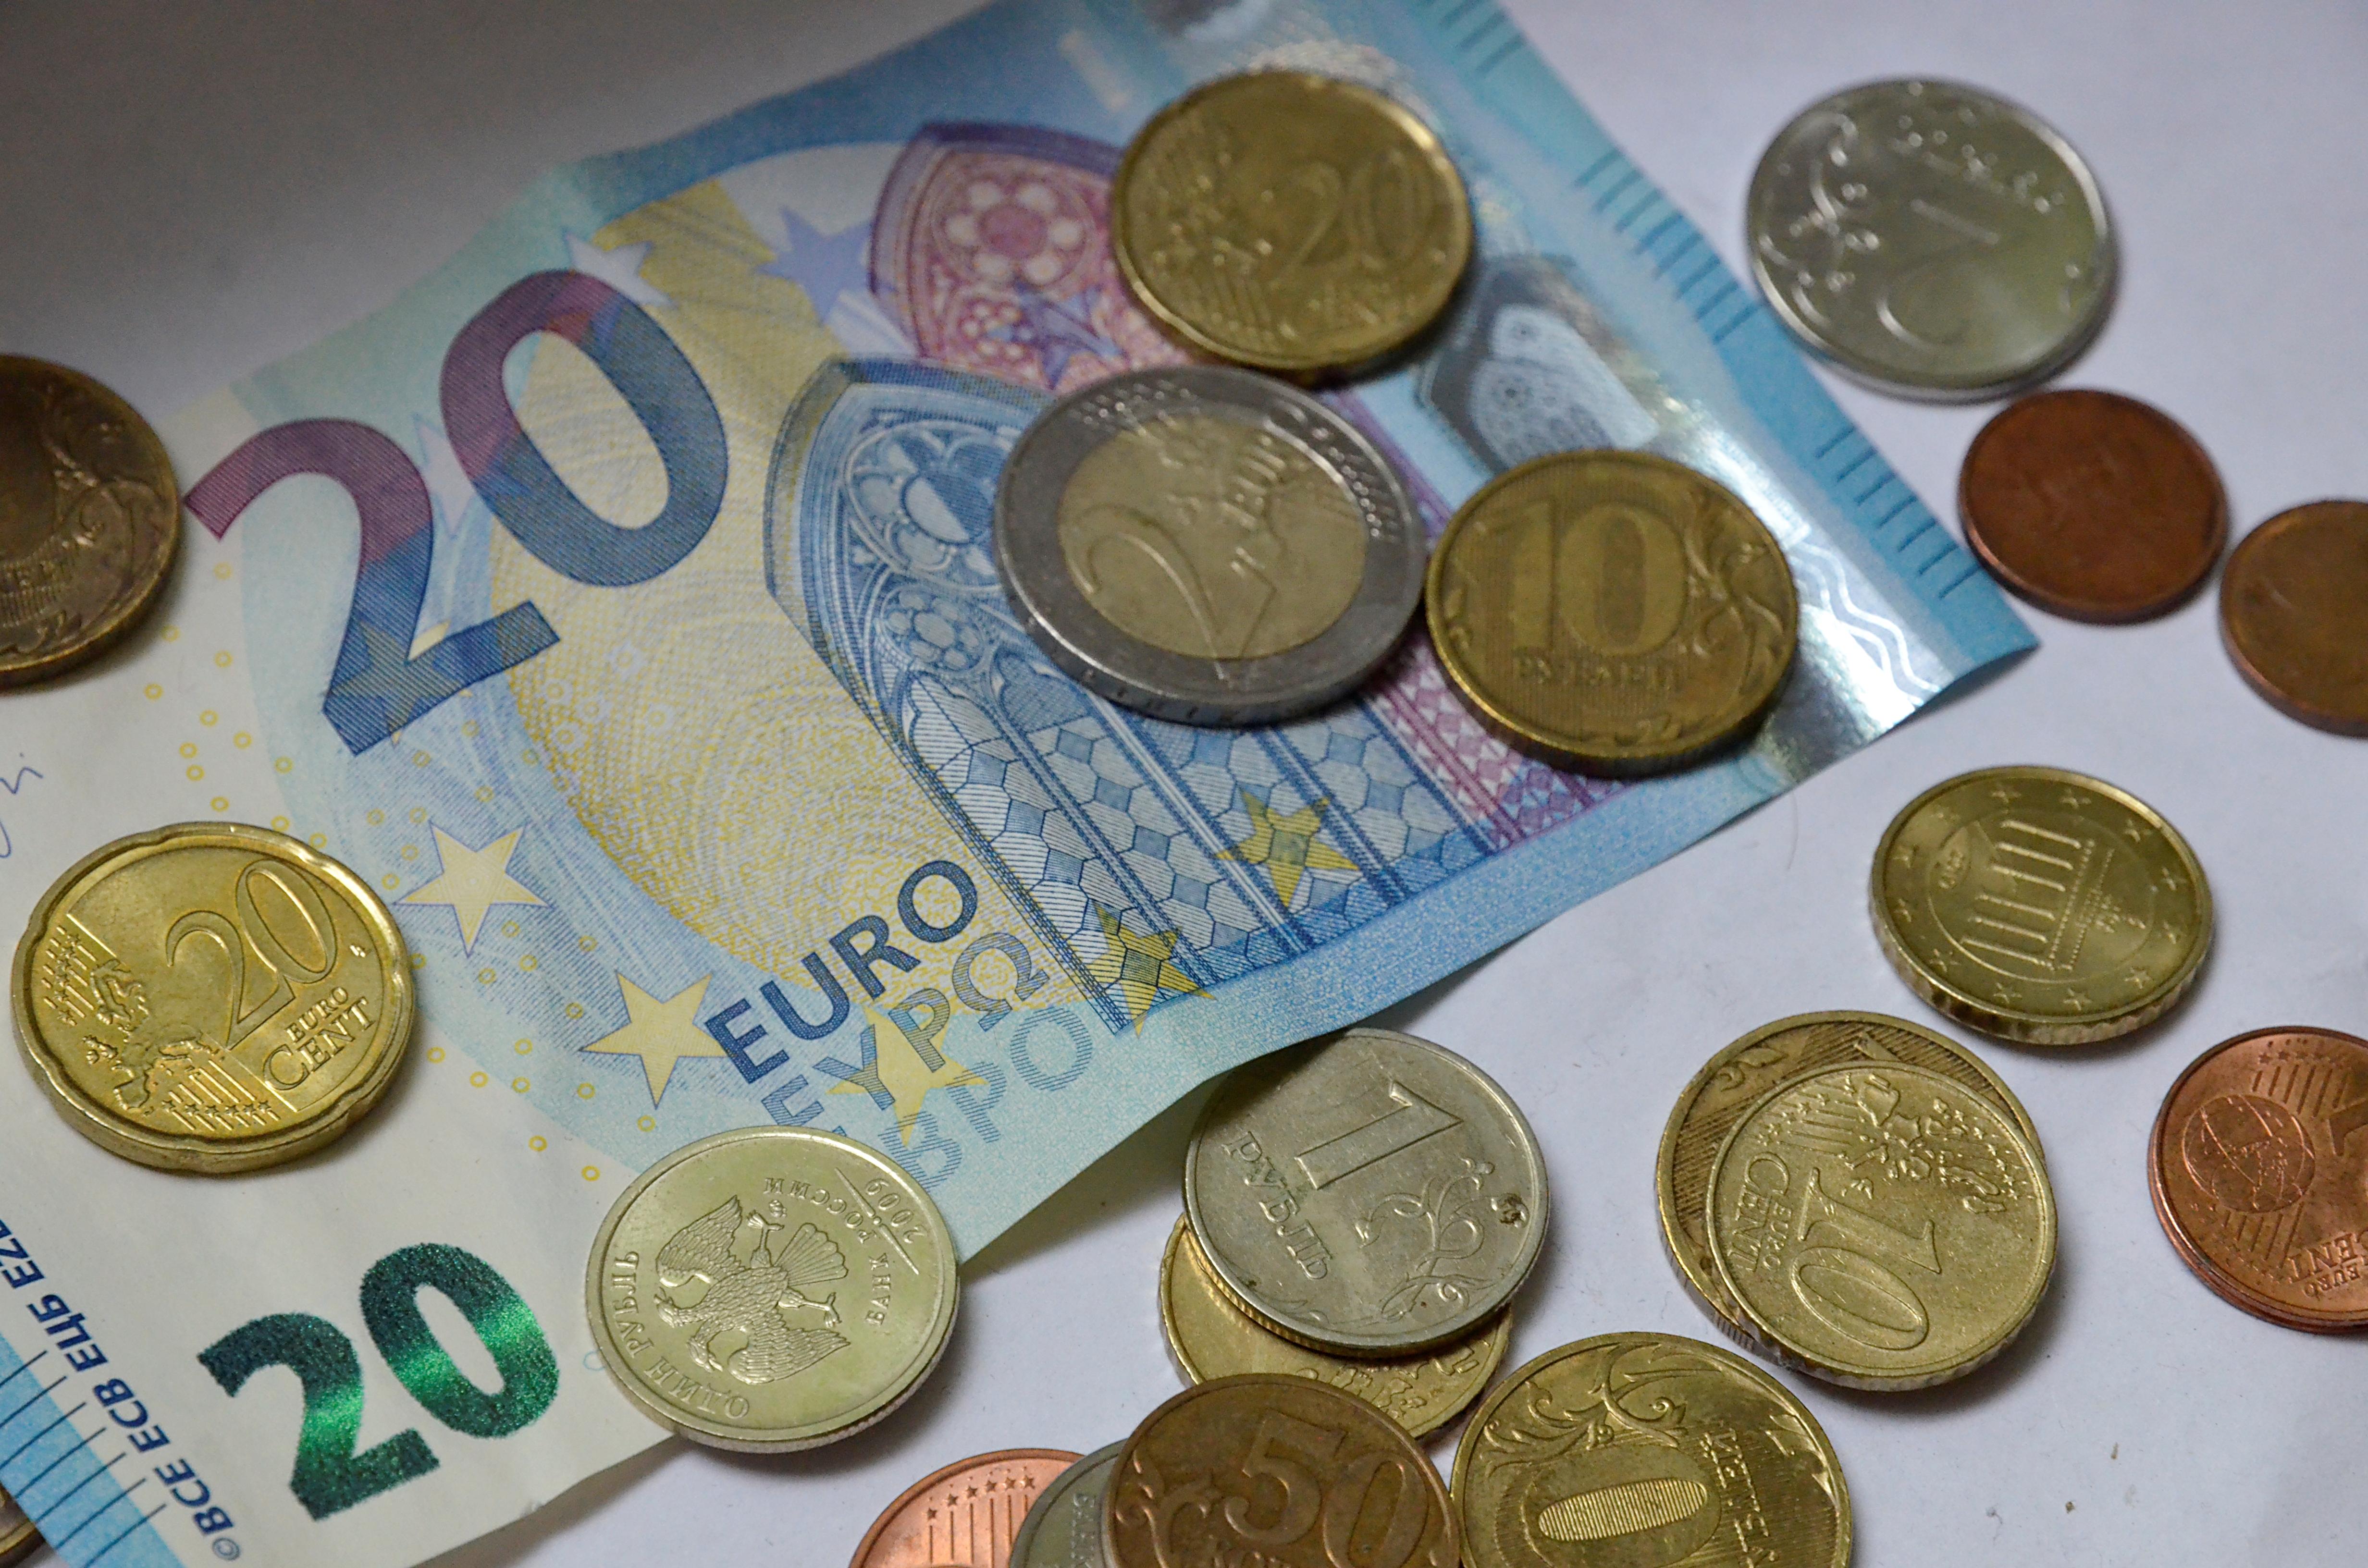 При самостоятельной уплате дополнительных страховых взносов на накопительную пенсию